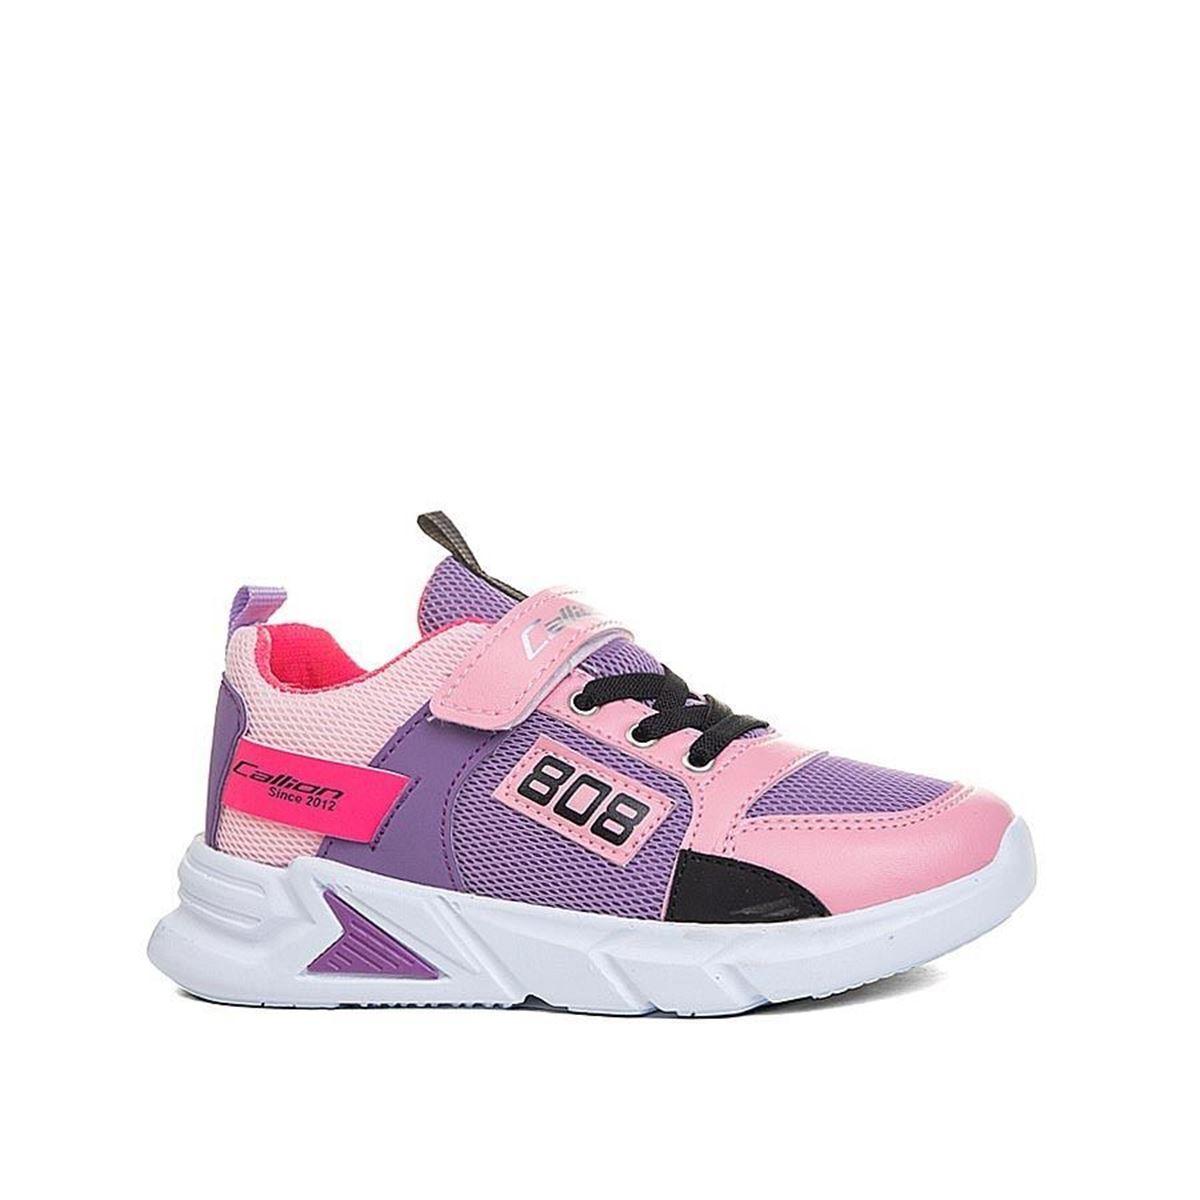 099 Callion Filet Çocuk Spor Ayakkabı Poliüretan Taban resmi